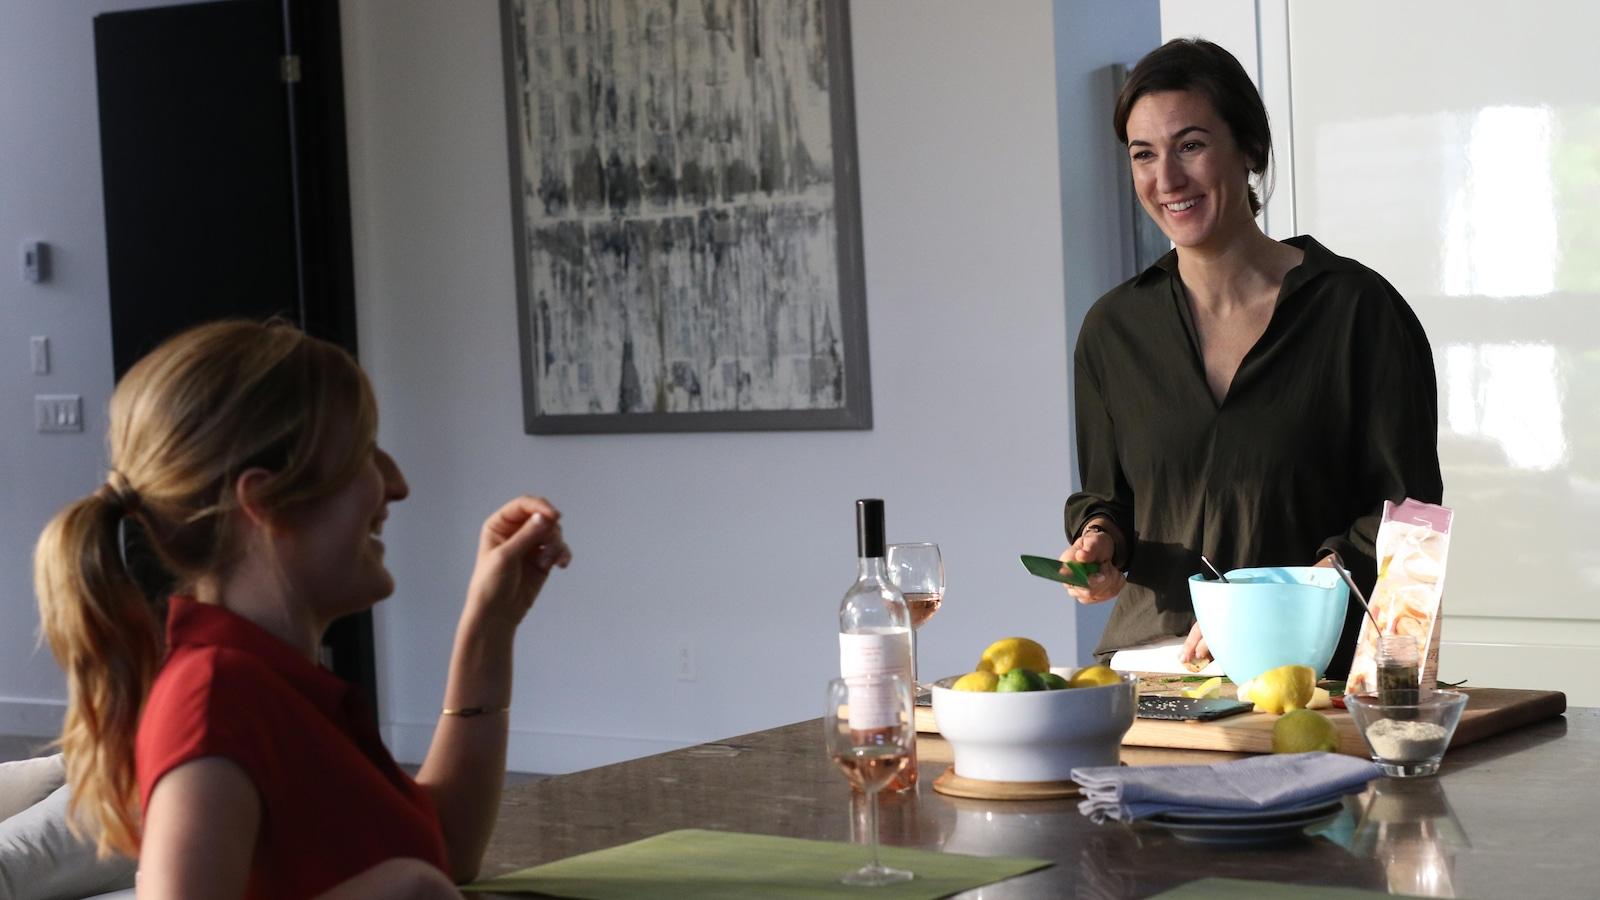 Deux comédiennes échangent un rire complice dans une cuisine.